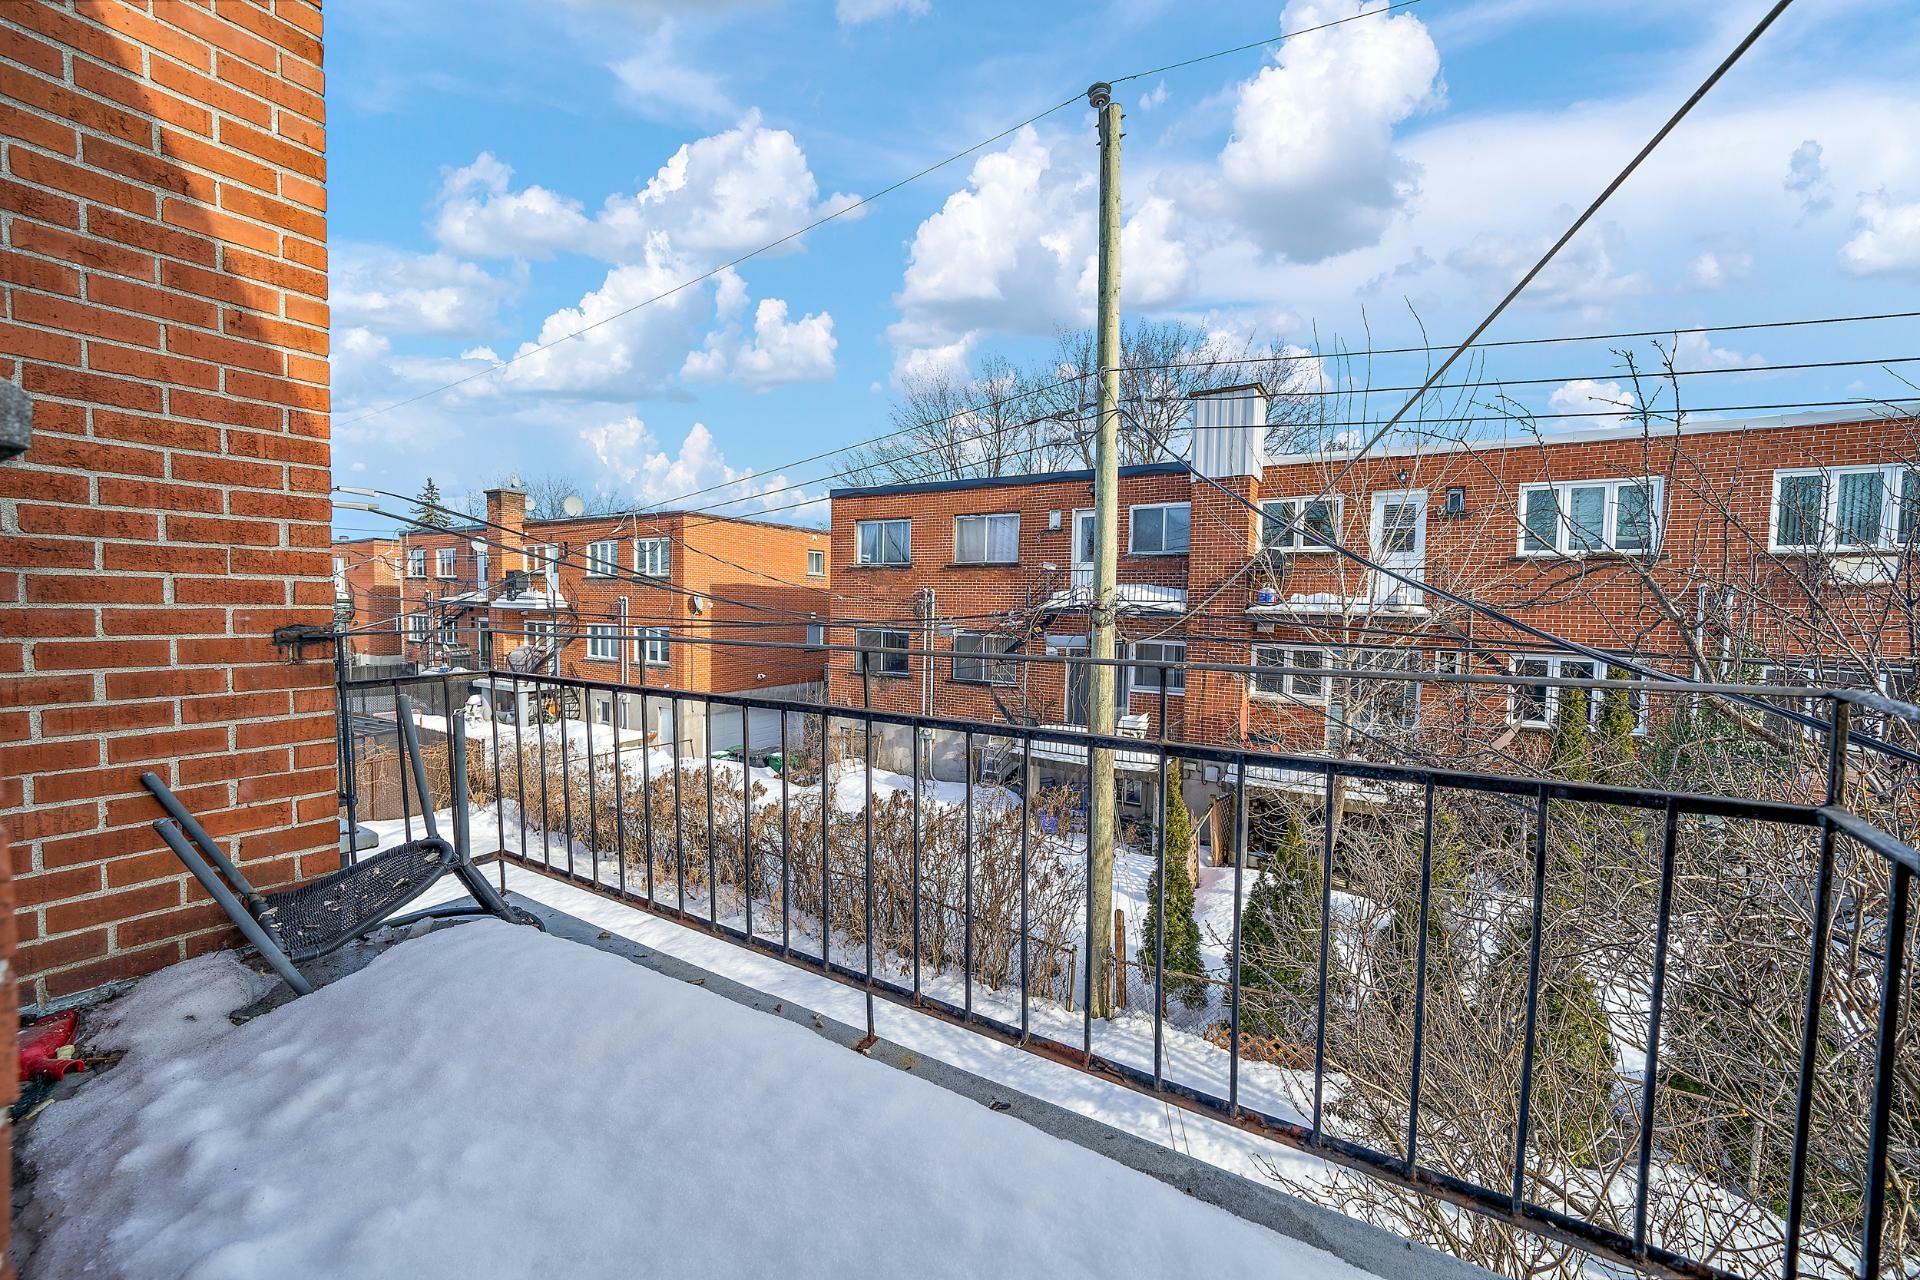 image 39 - Duplex À vendre Saint-Laurent Montréal  - 5 pièces